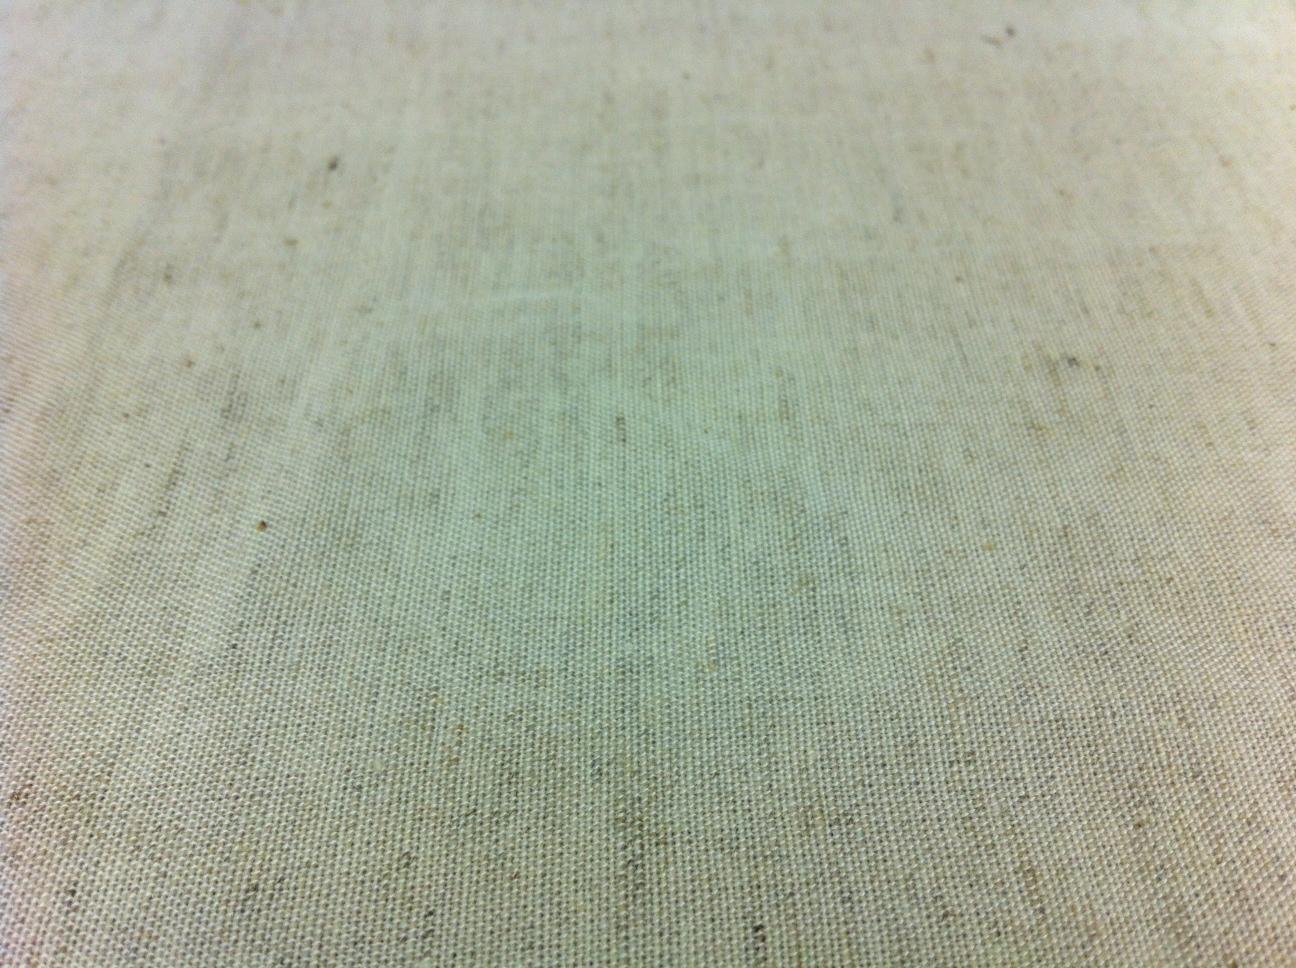 linen sheeting